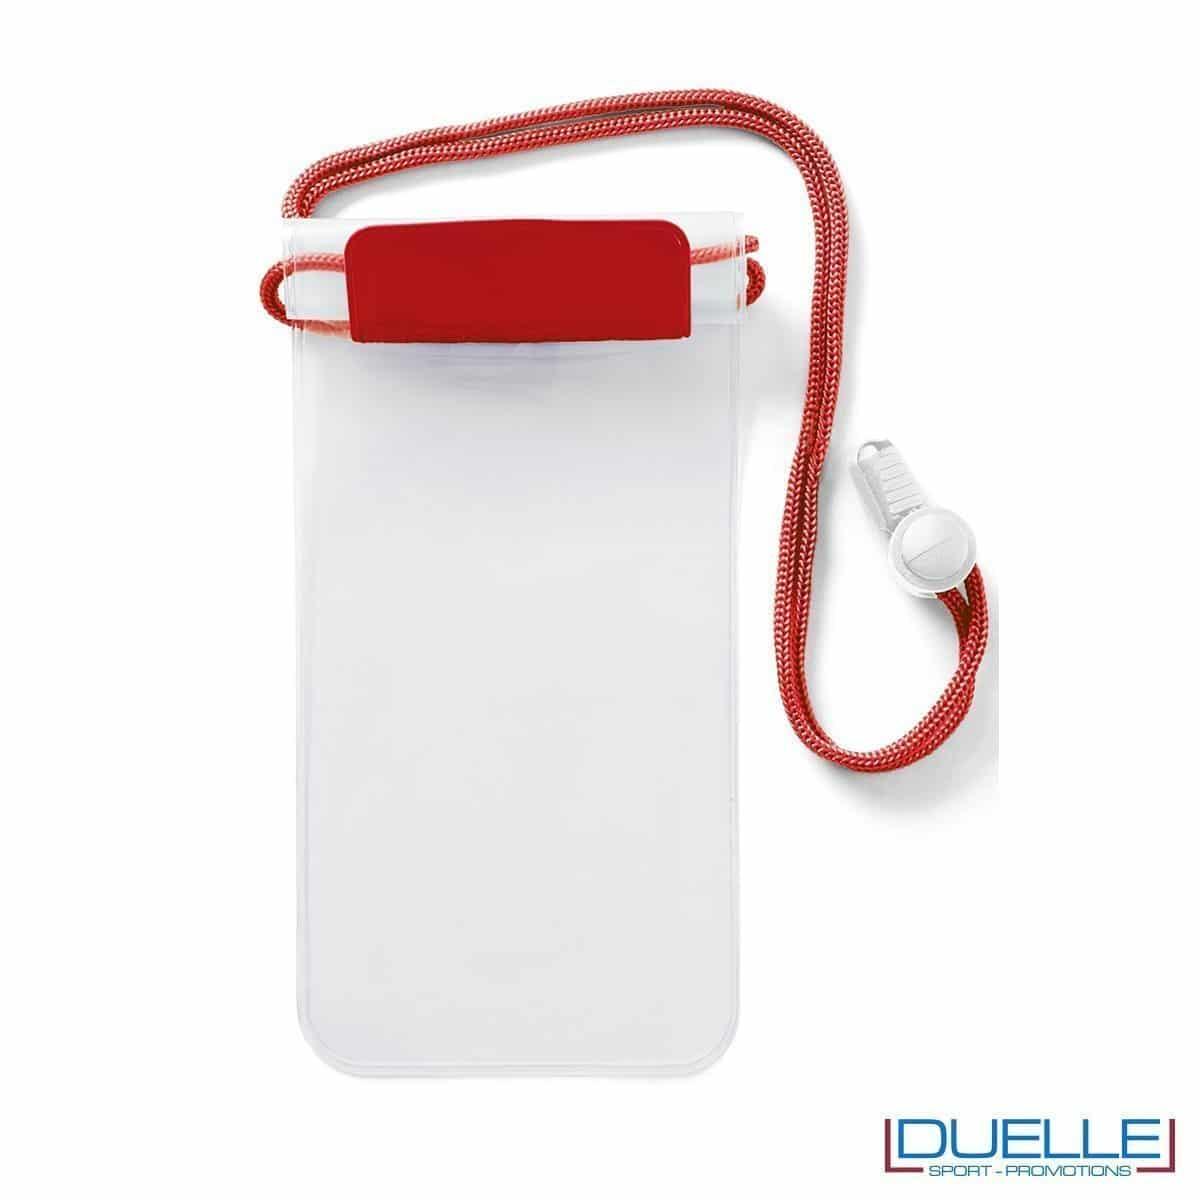 portacellulare personalizzato impermeabile colore rosso, porta smartphone impermeabile personalizzabile colore rosso